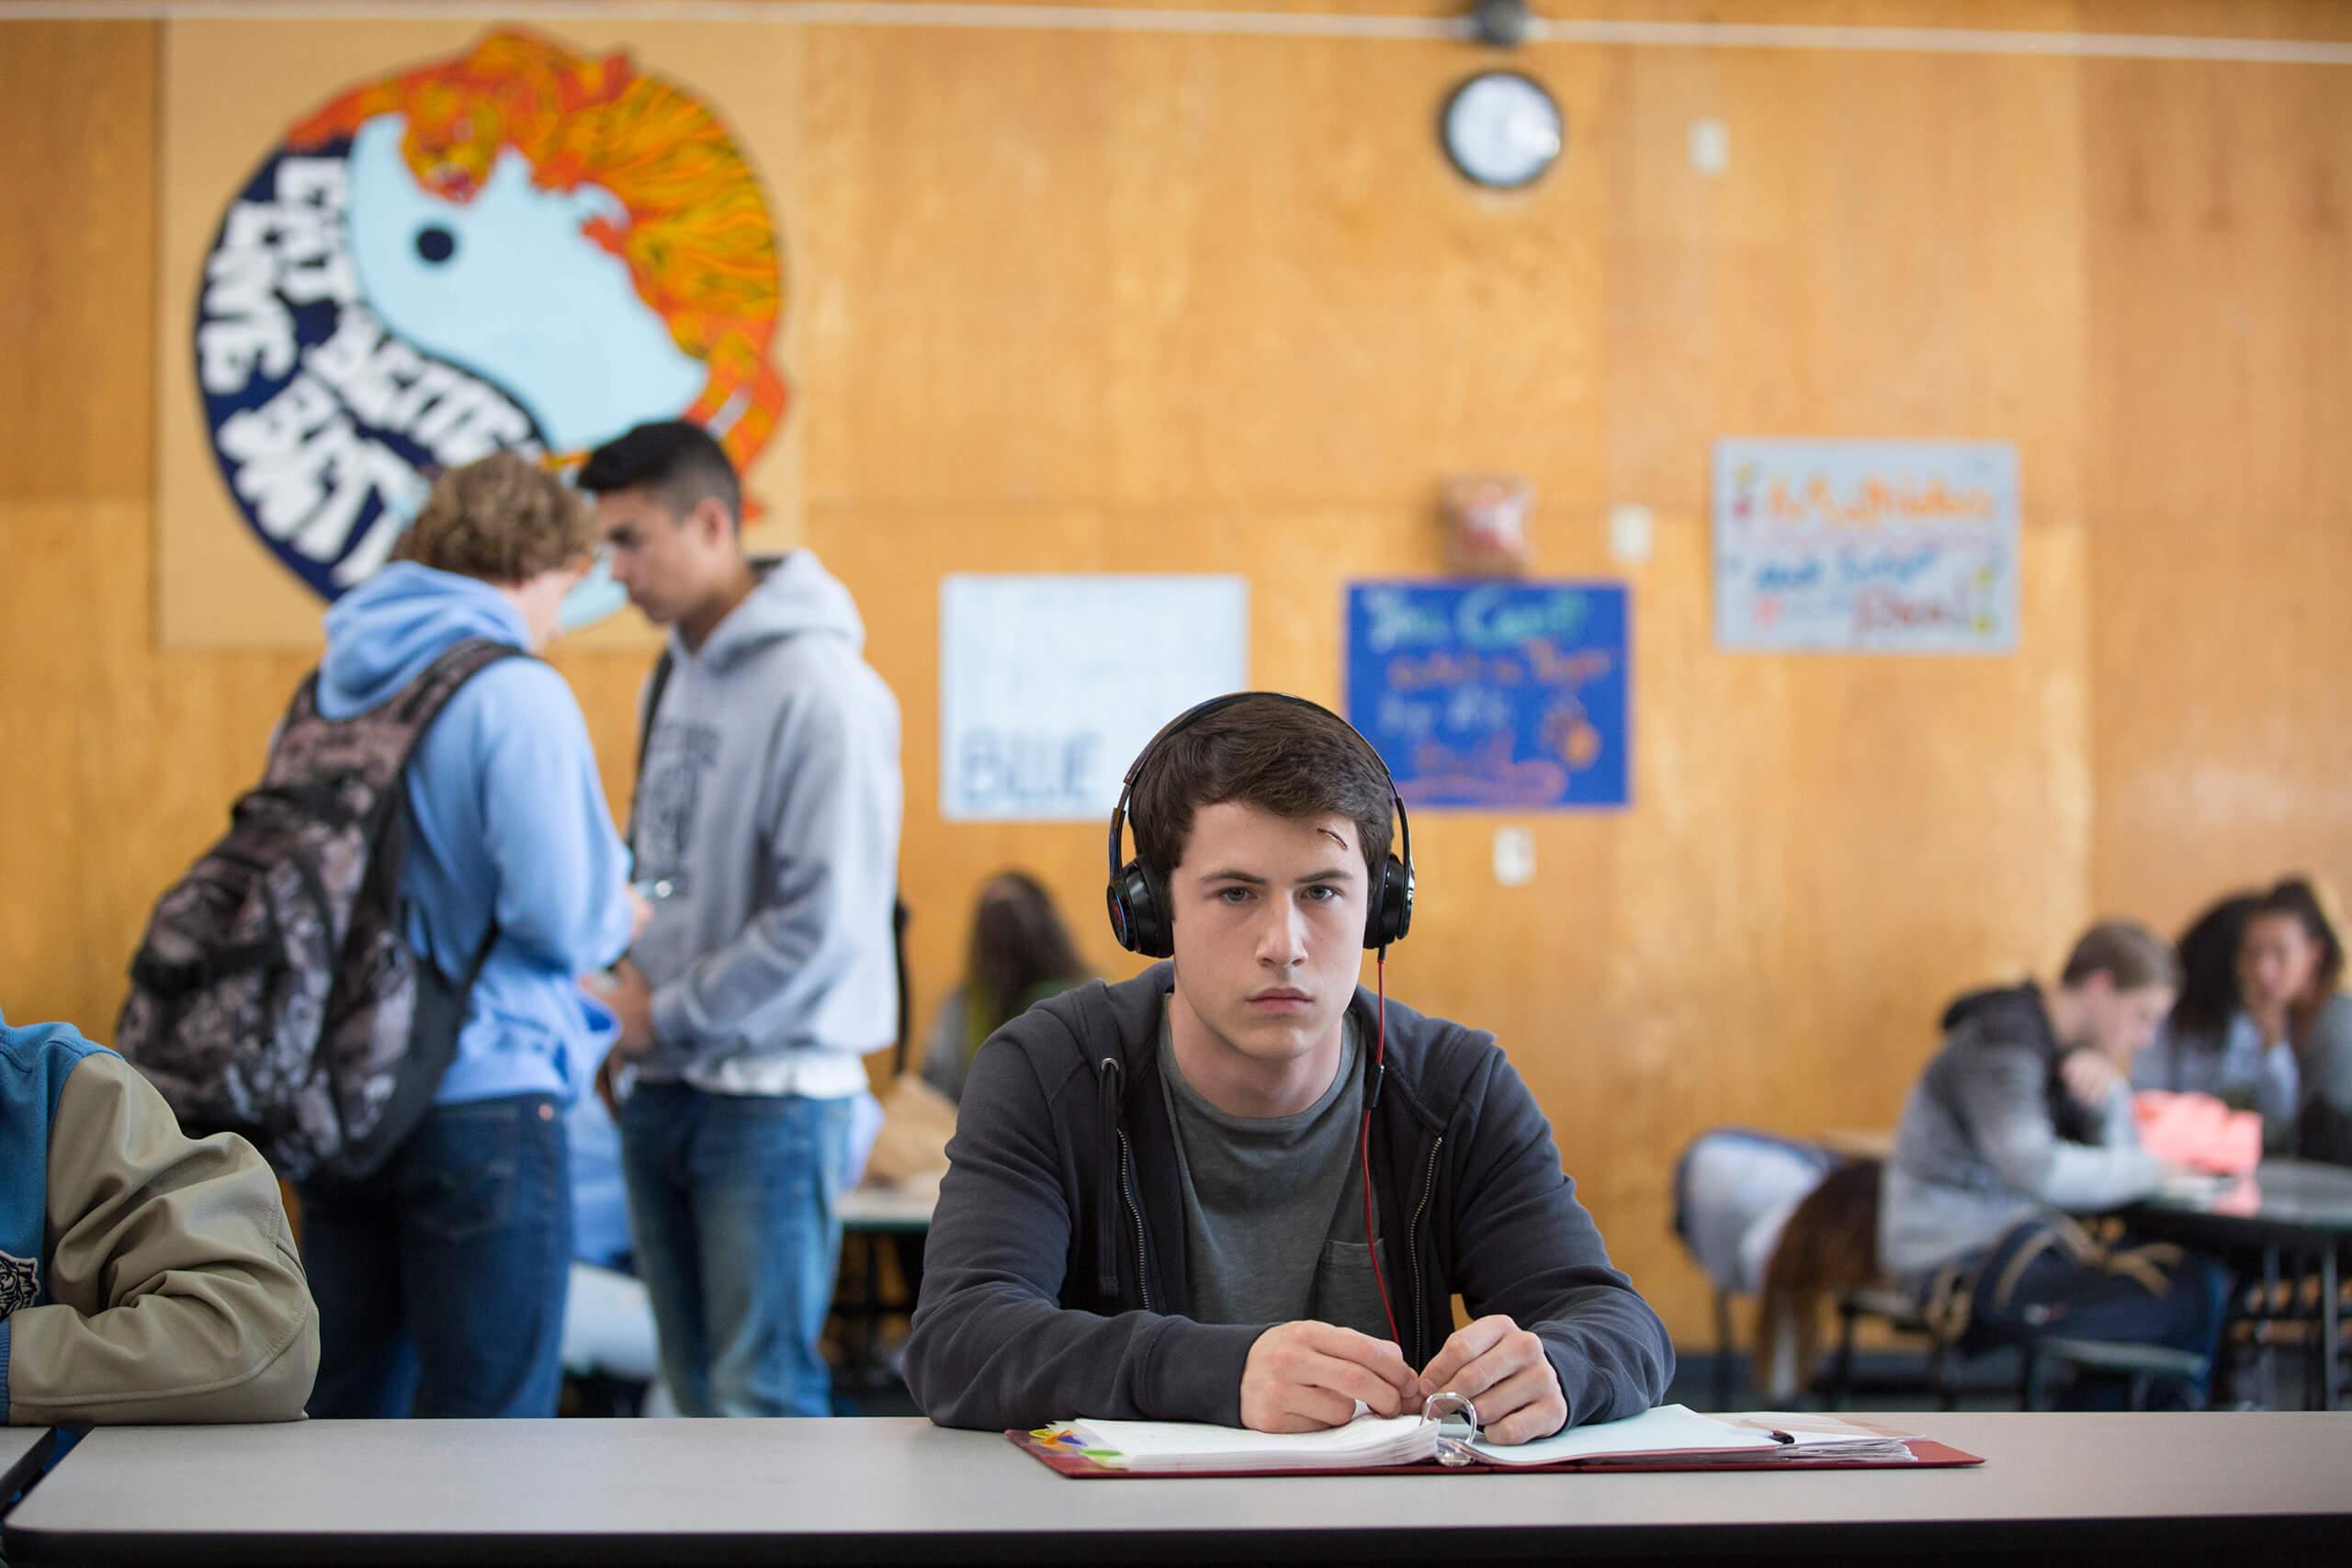 Clay sitzt mit Kopfhörern an einem Tisch in der Mensa.